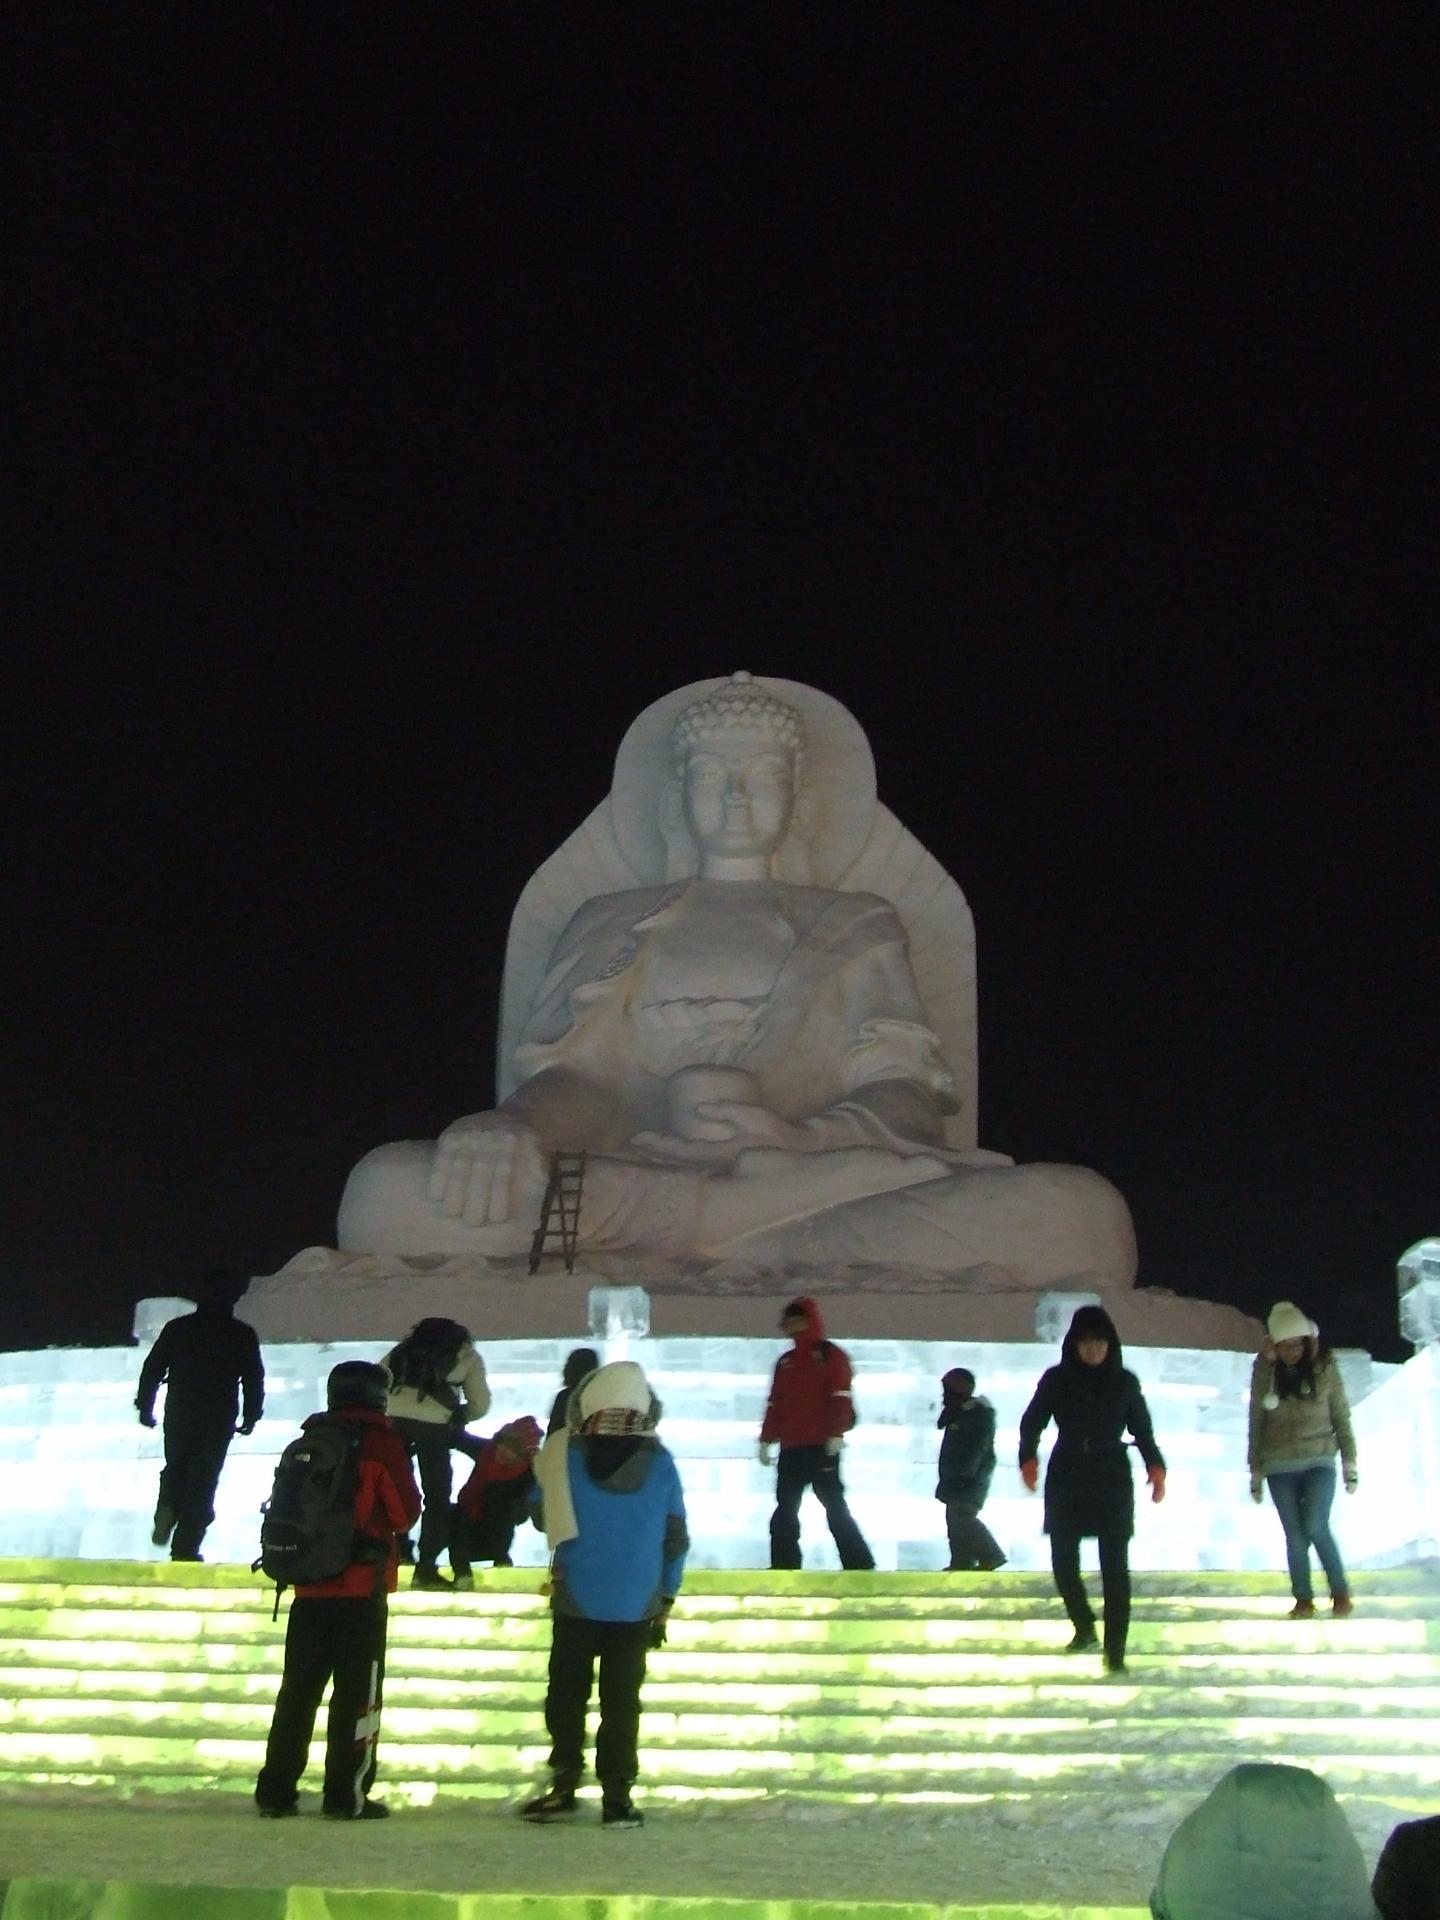 פסל של בודהא קפוא, פסטיבל הקרח חרבין